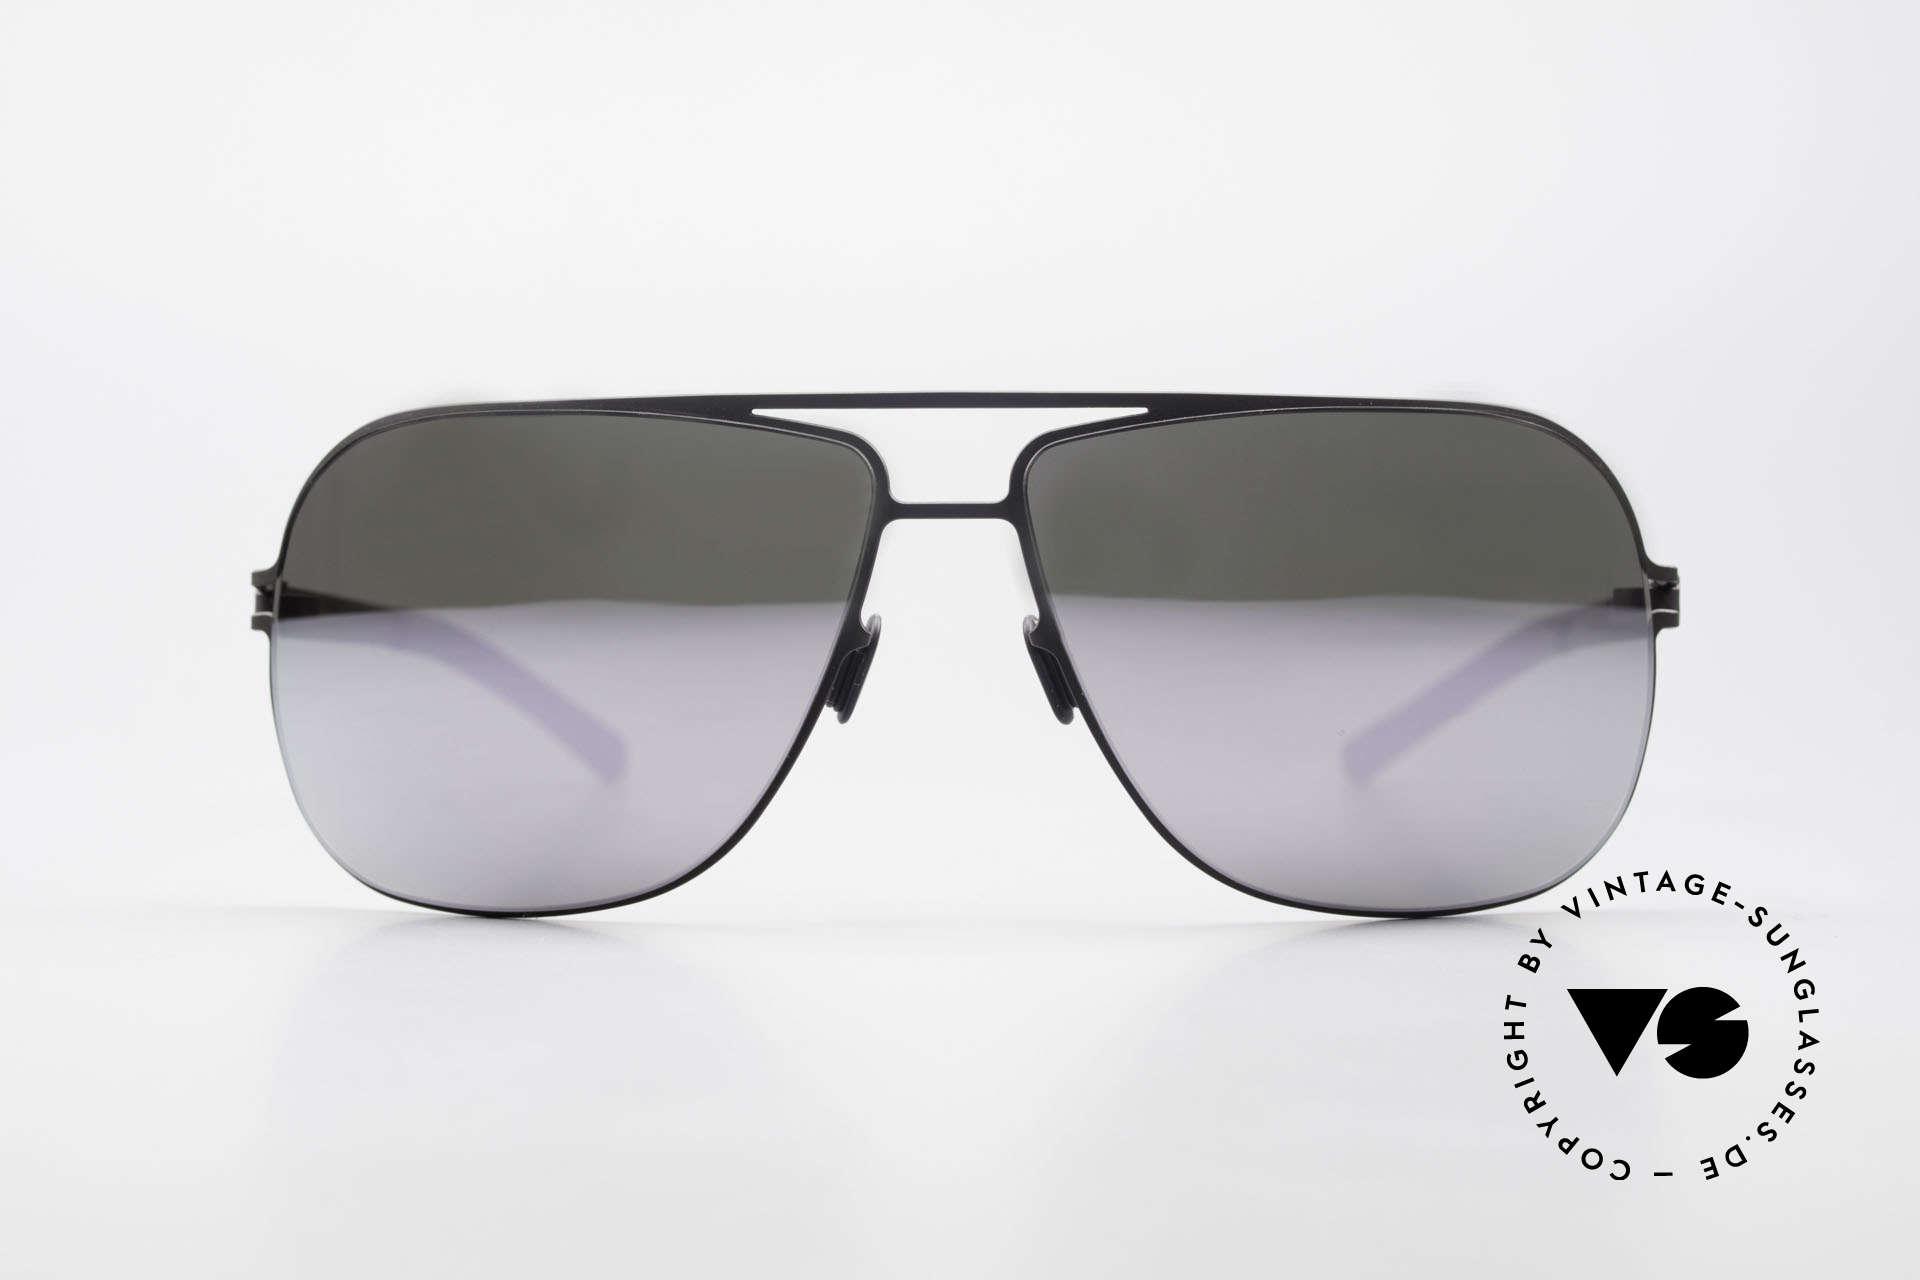 Mykita Rolf Promi Sonnenbrille Verspiegelt, Mykita: die jüngste Marke in unserem vintage Sortiment, Passend für Herren und Damen